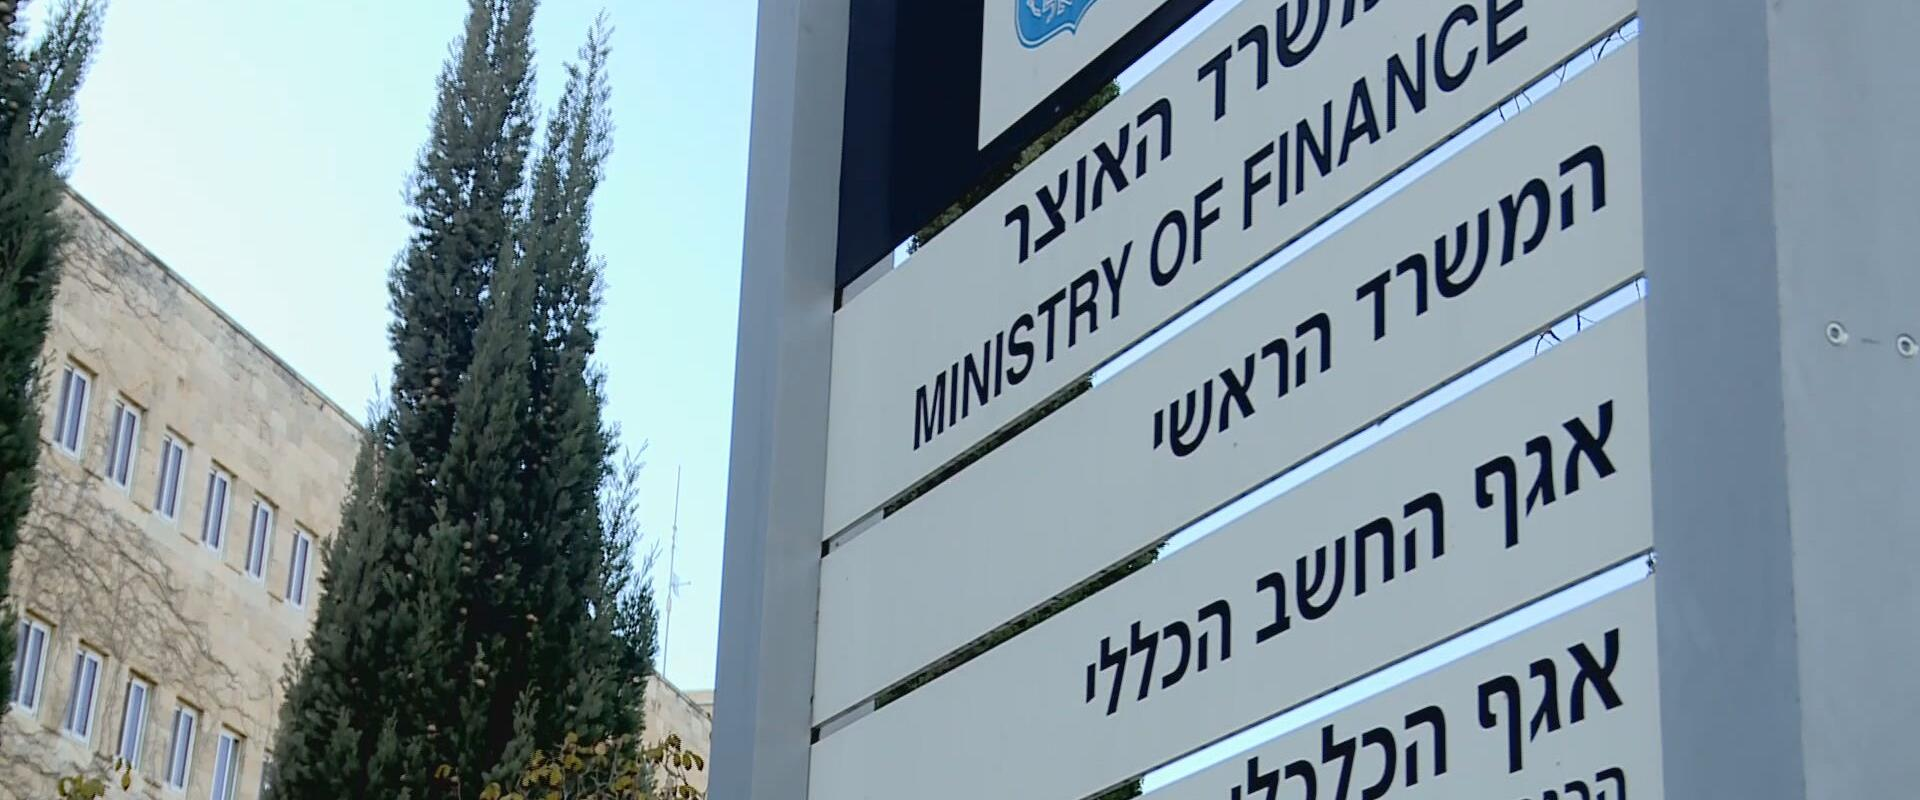 בניין משרד האוצר בירושלים, ארכיון